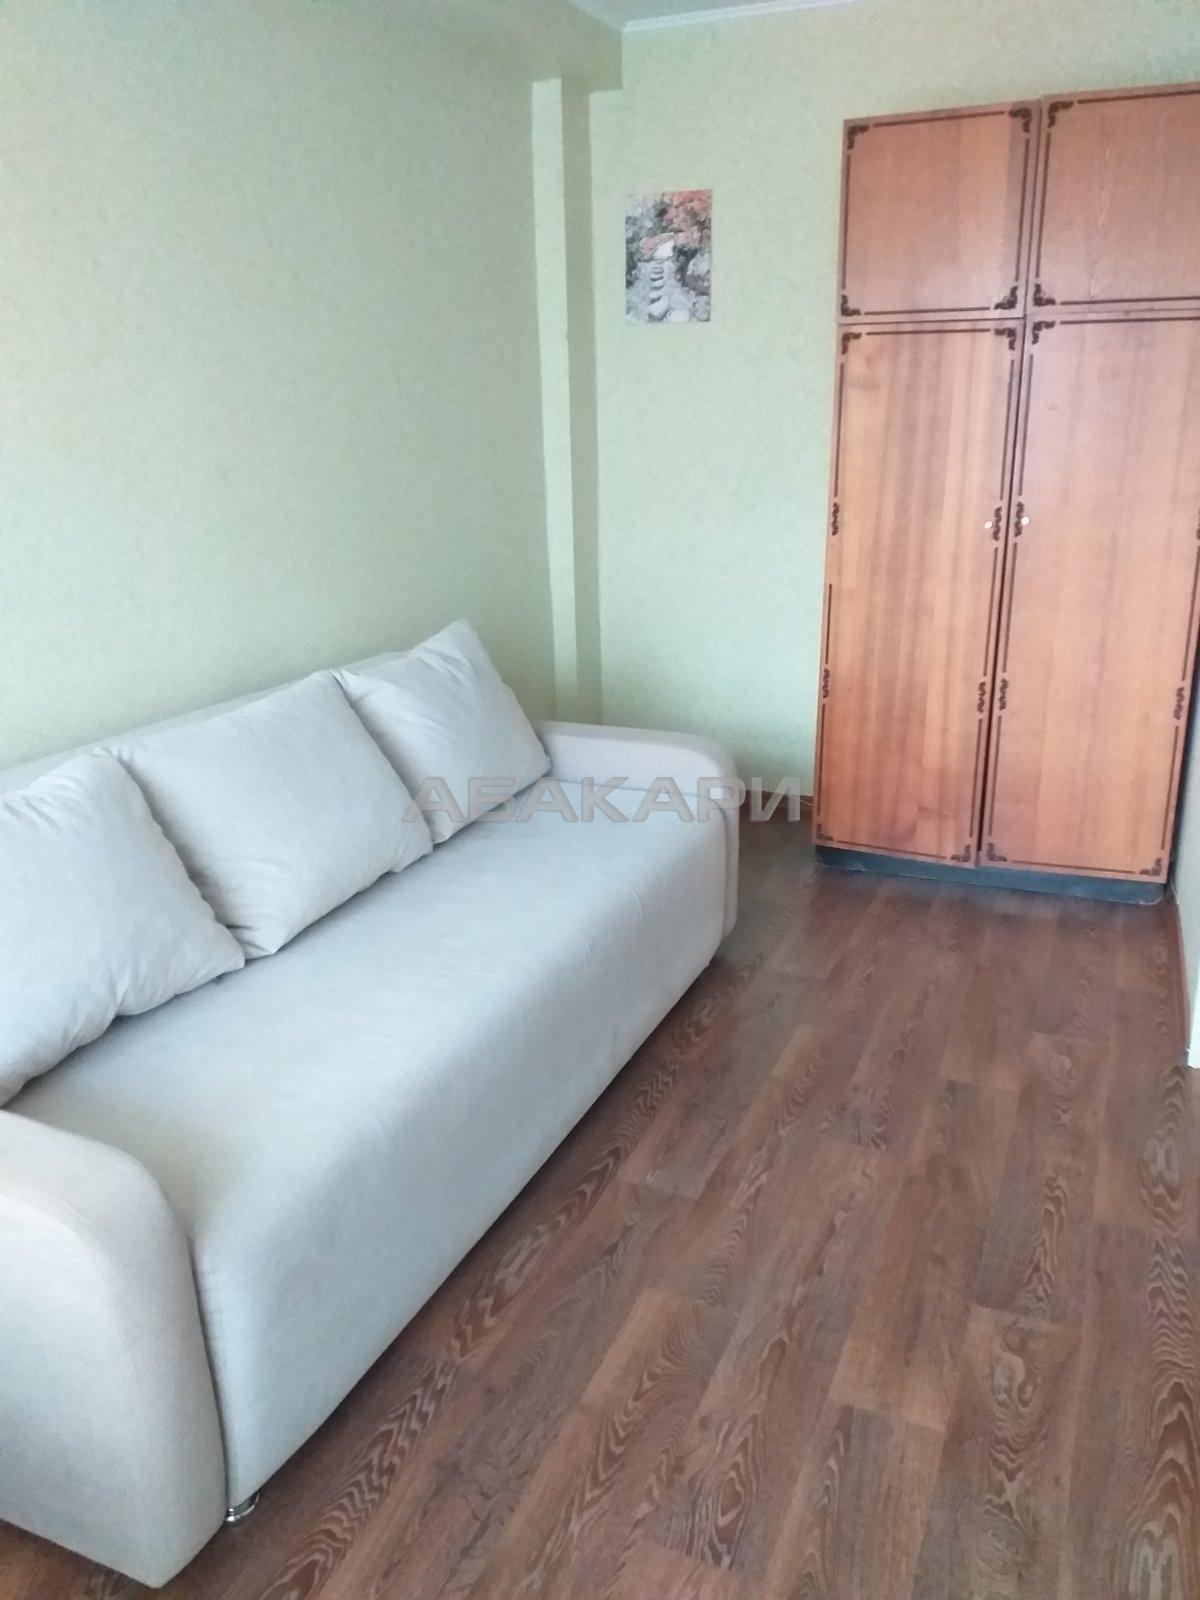 1к квартира улица Ладо Кецховели, 65А | 15000 | аренда в Красноярске фото 1